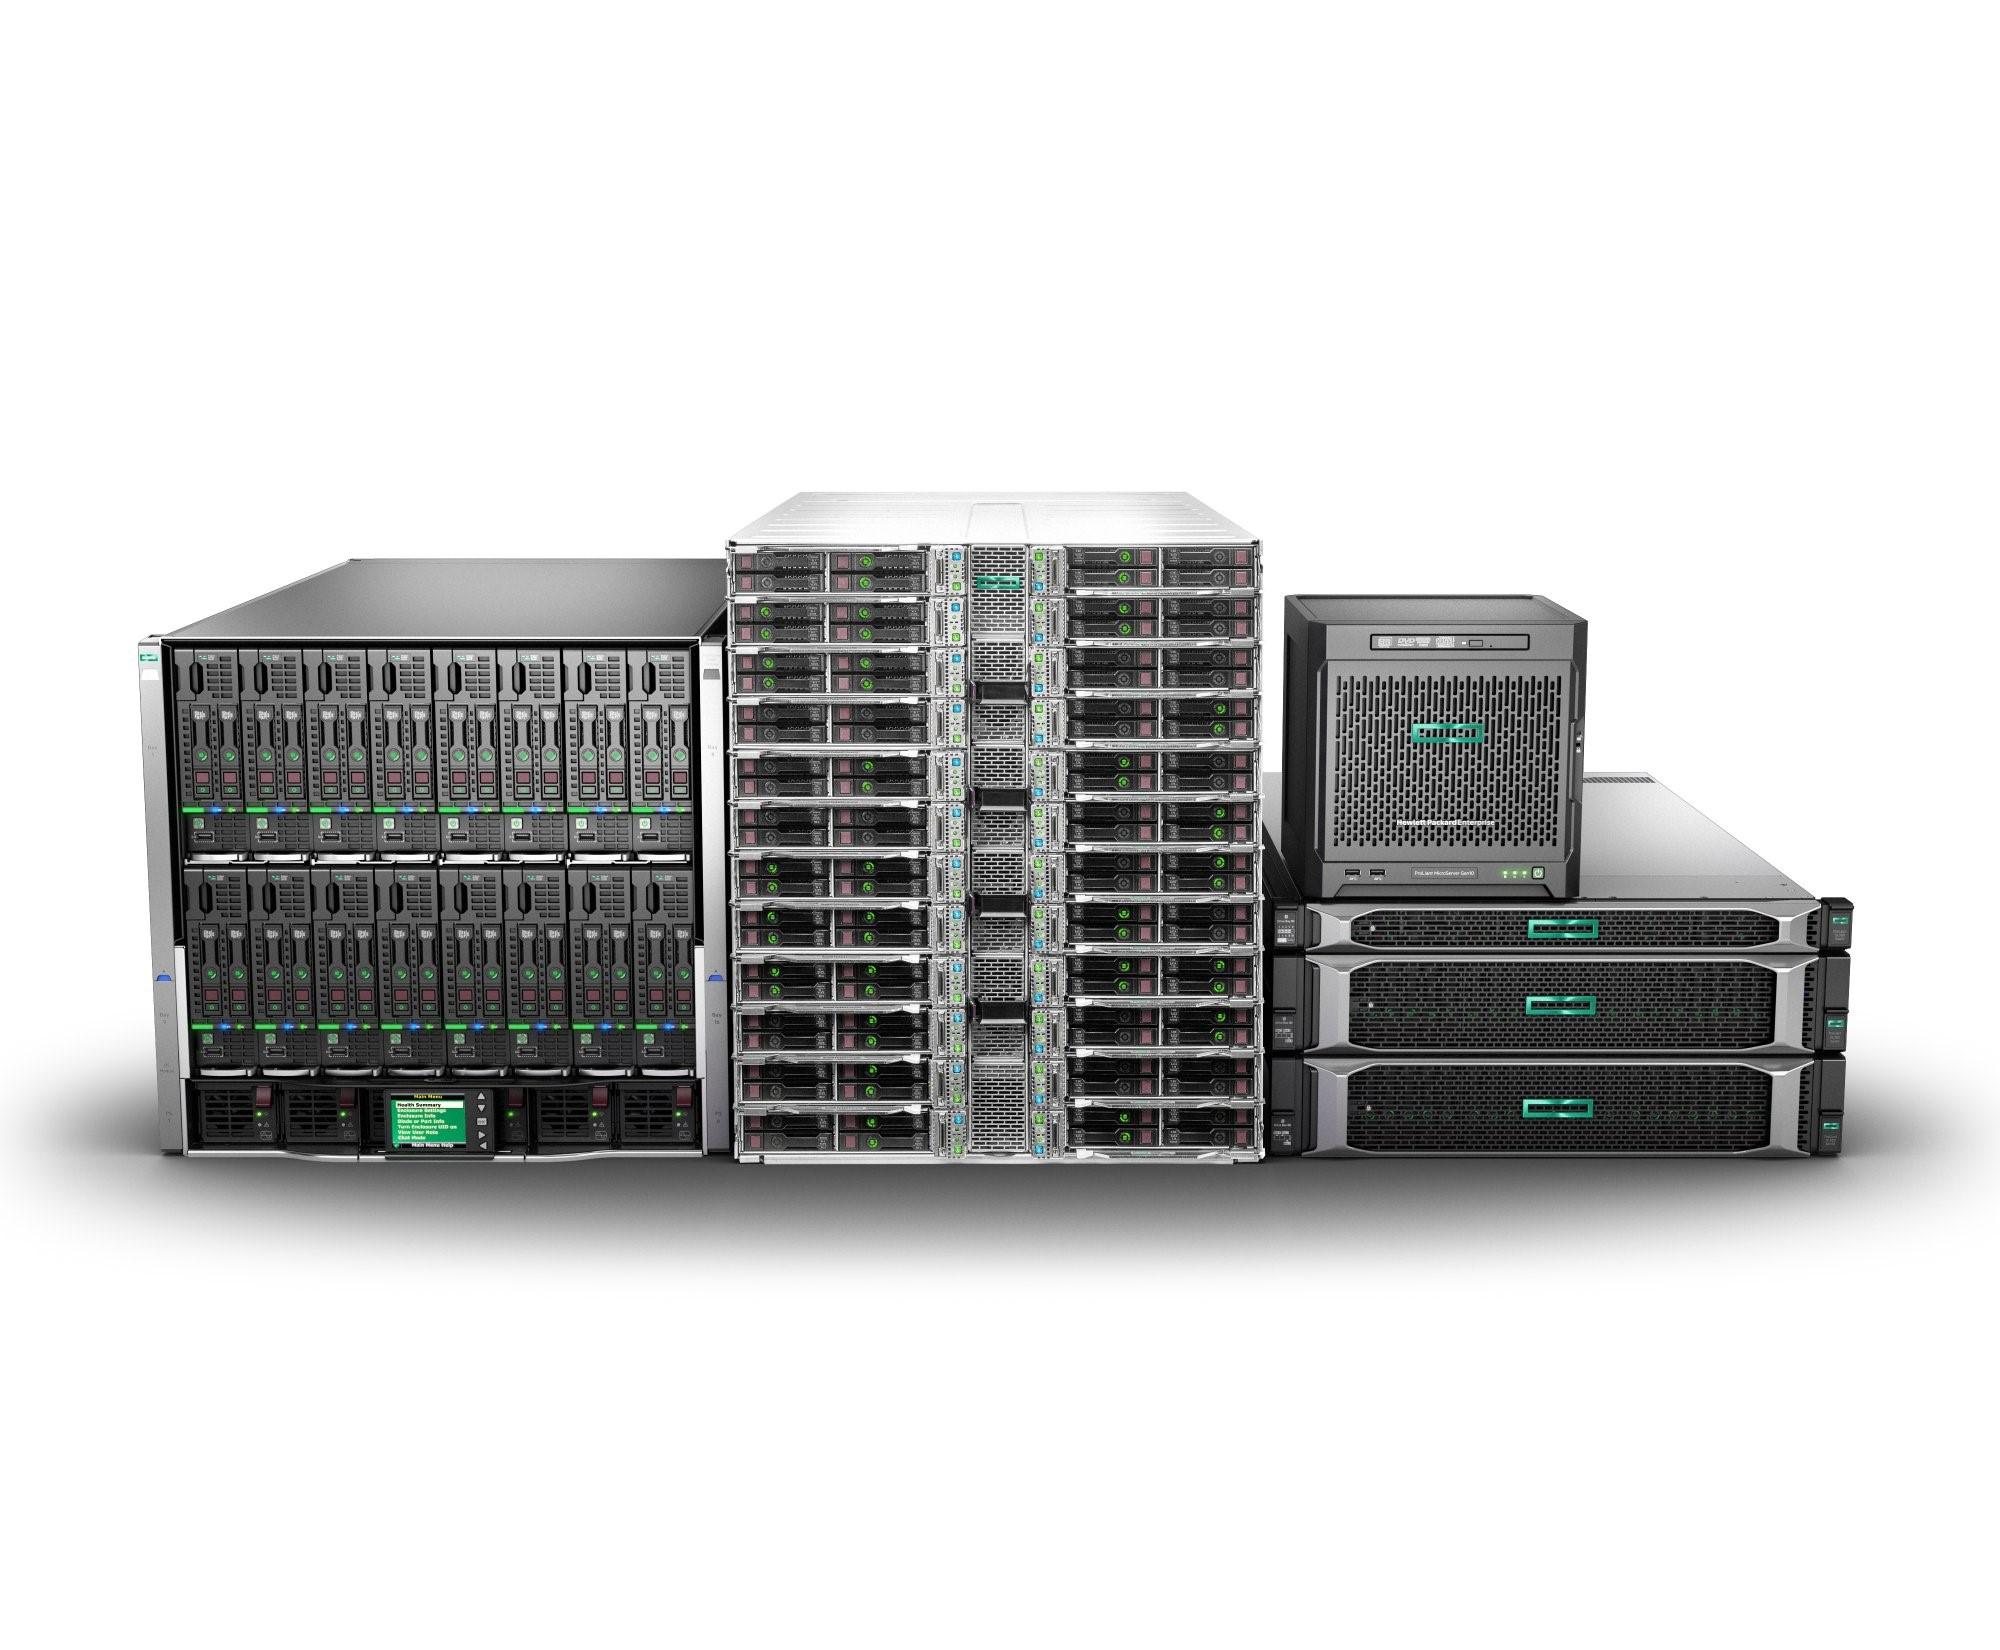 HPE lanserar Gen10 server